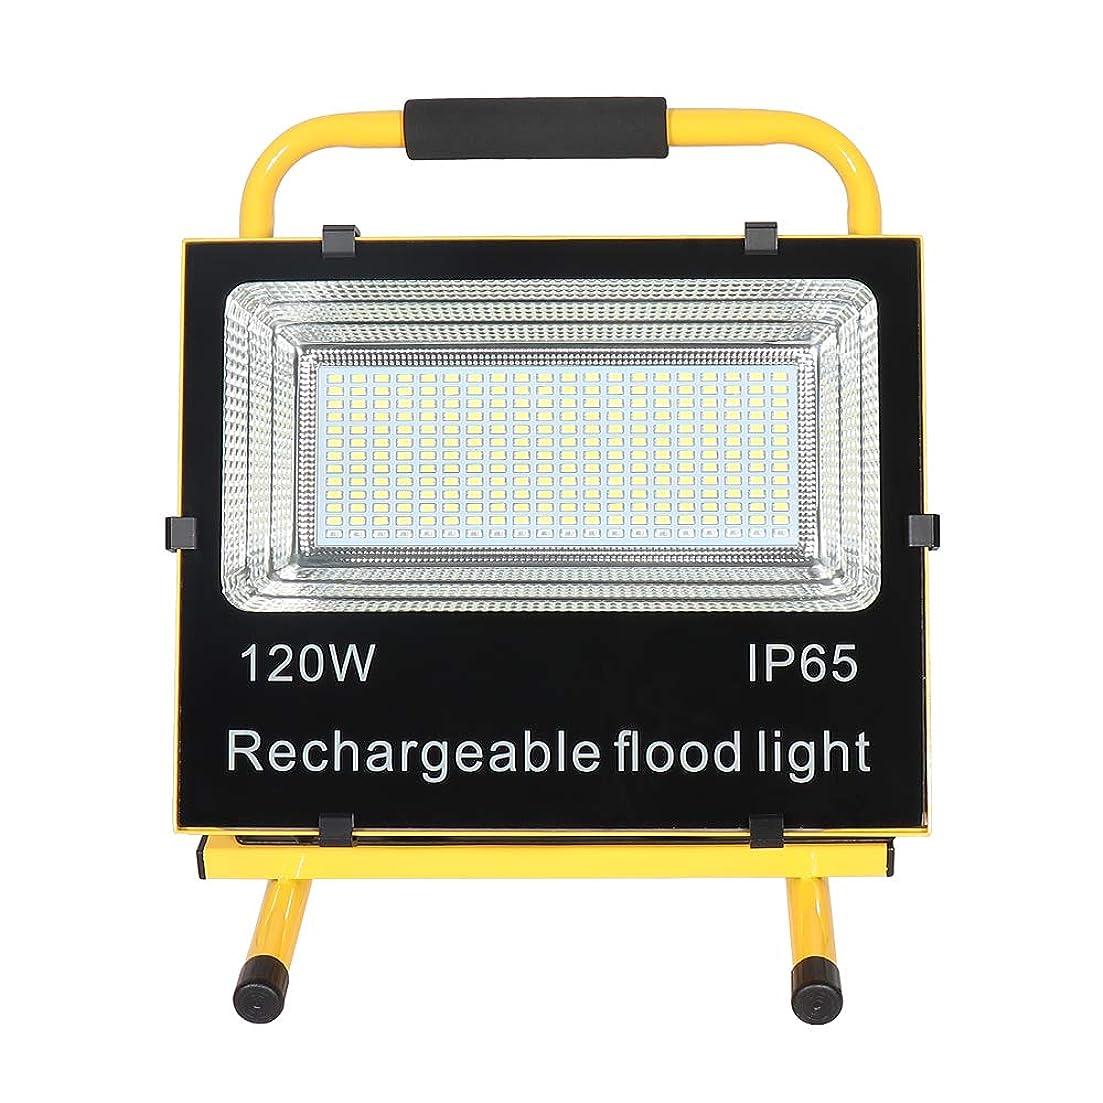 奇跡的なメリー眠いですSAILUN 充電式 LED投光器 超薄型 SOSモード付 120w 超高輝度 広角 フラッドライト 看板灯 ワークライト 野外灯 駐車場灯 緊急 非常灯